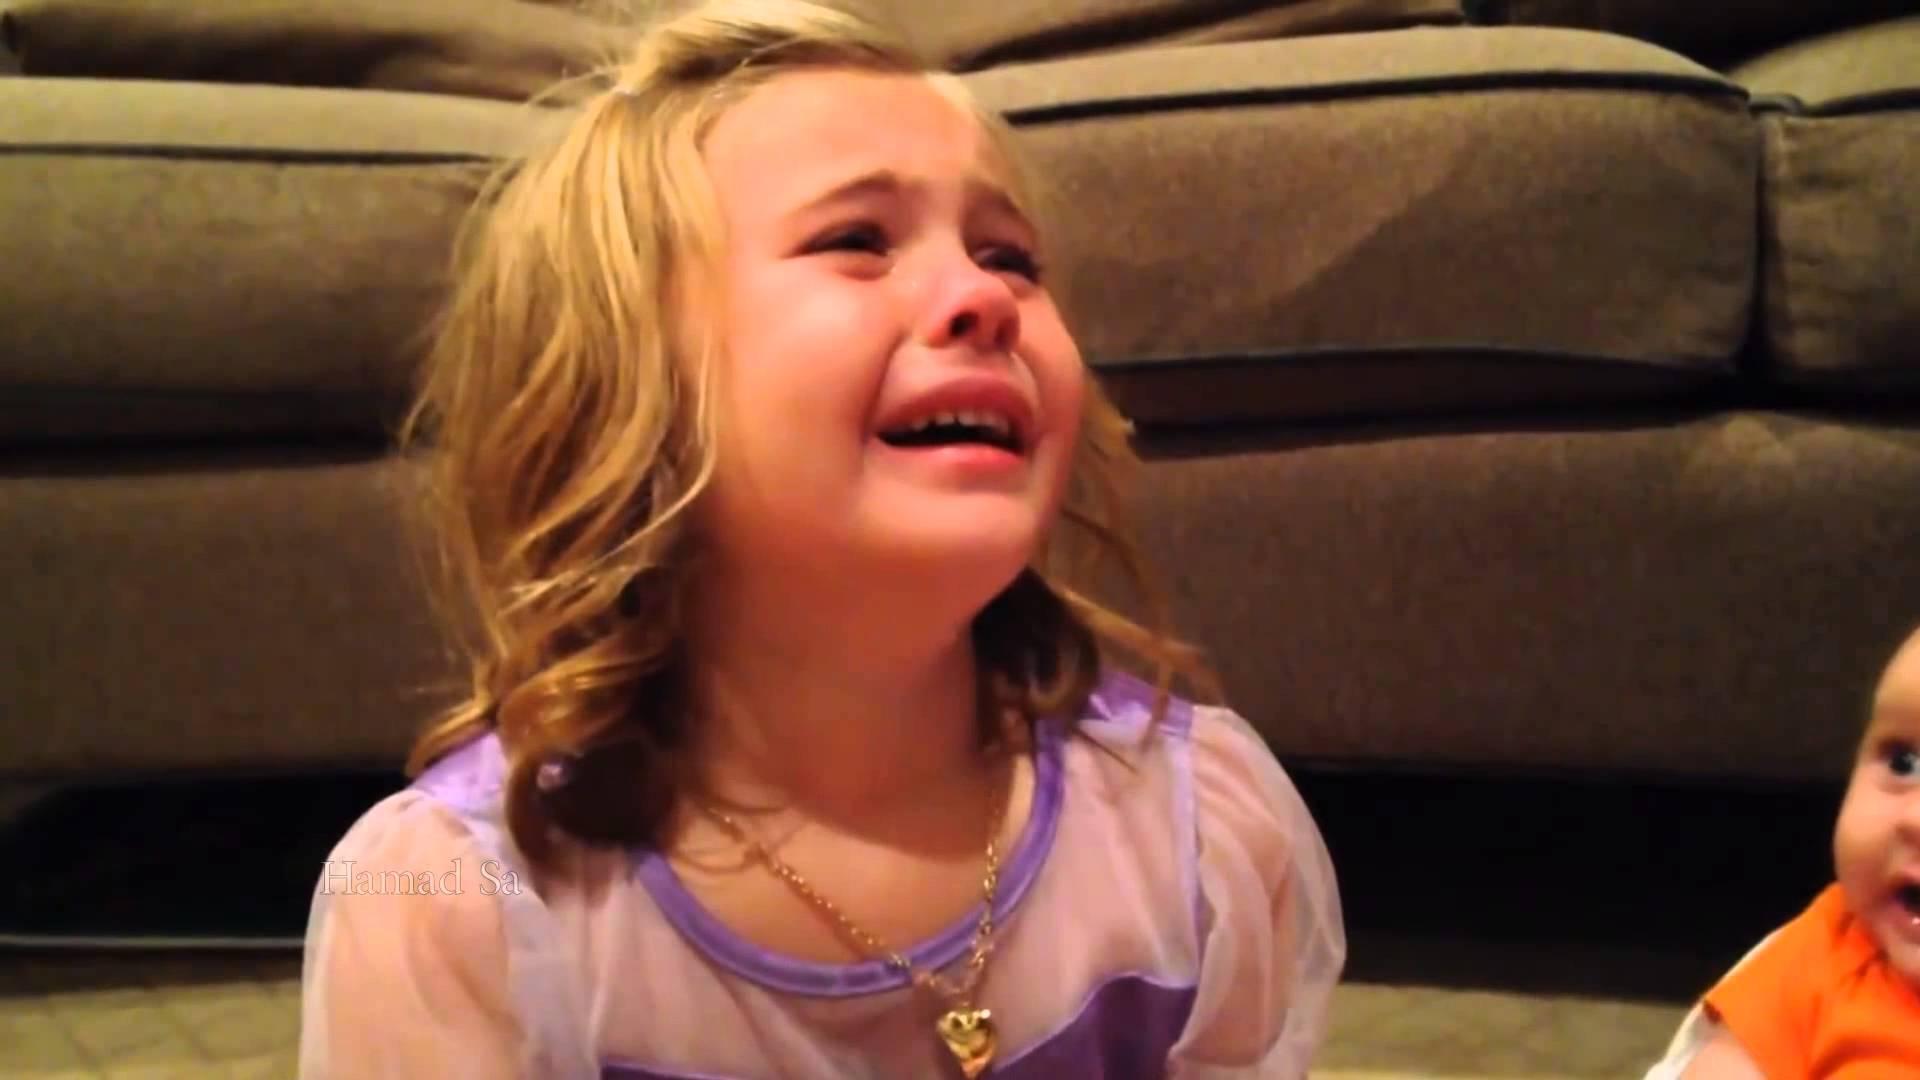 بالصور طفلة حزينة , اصعب لحظات بكاء الاطفال 641 6